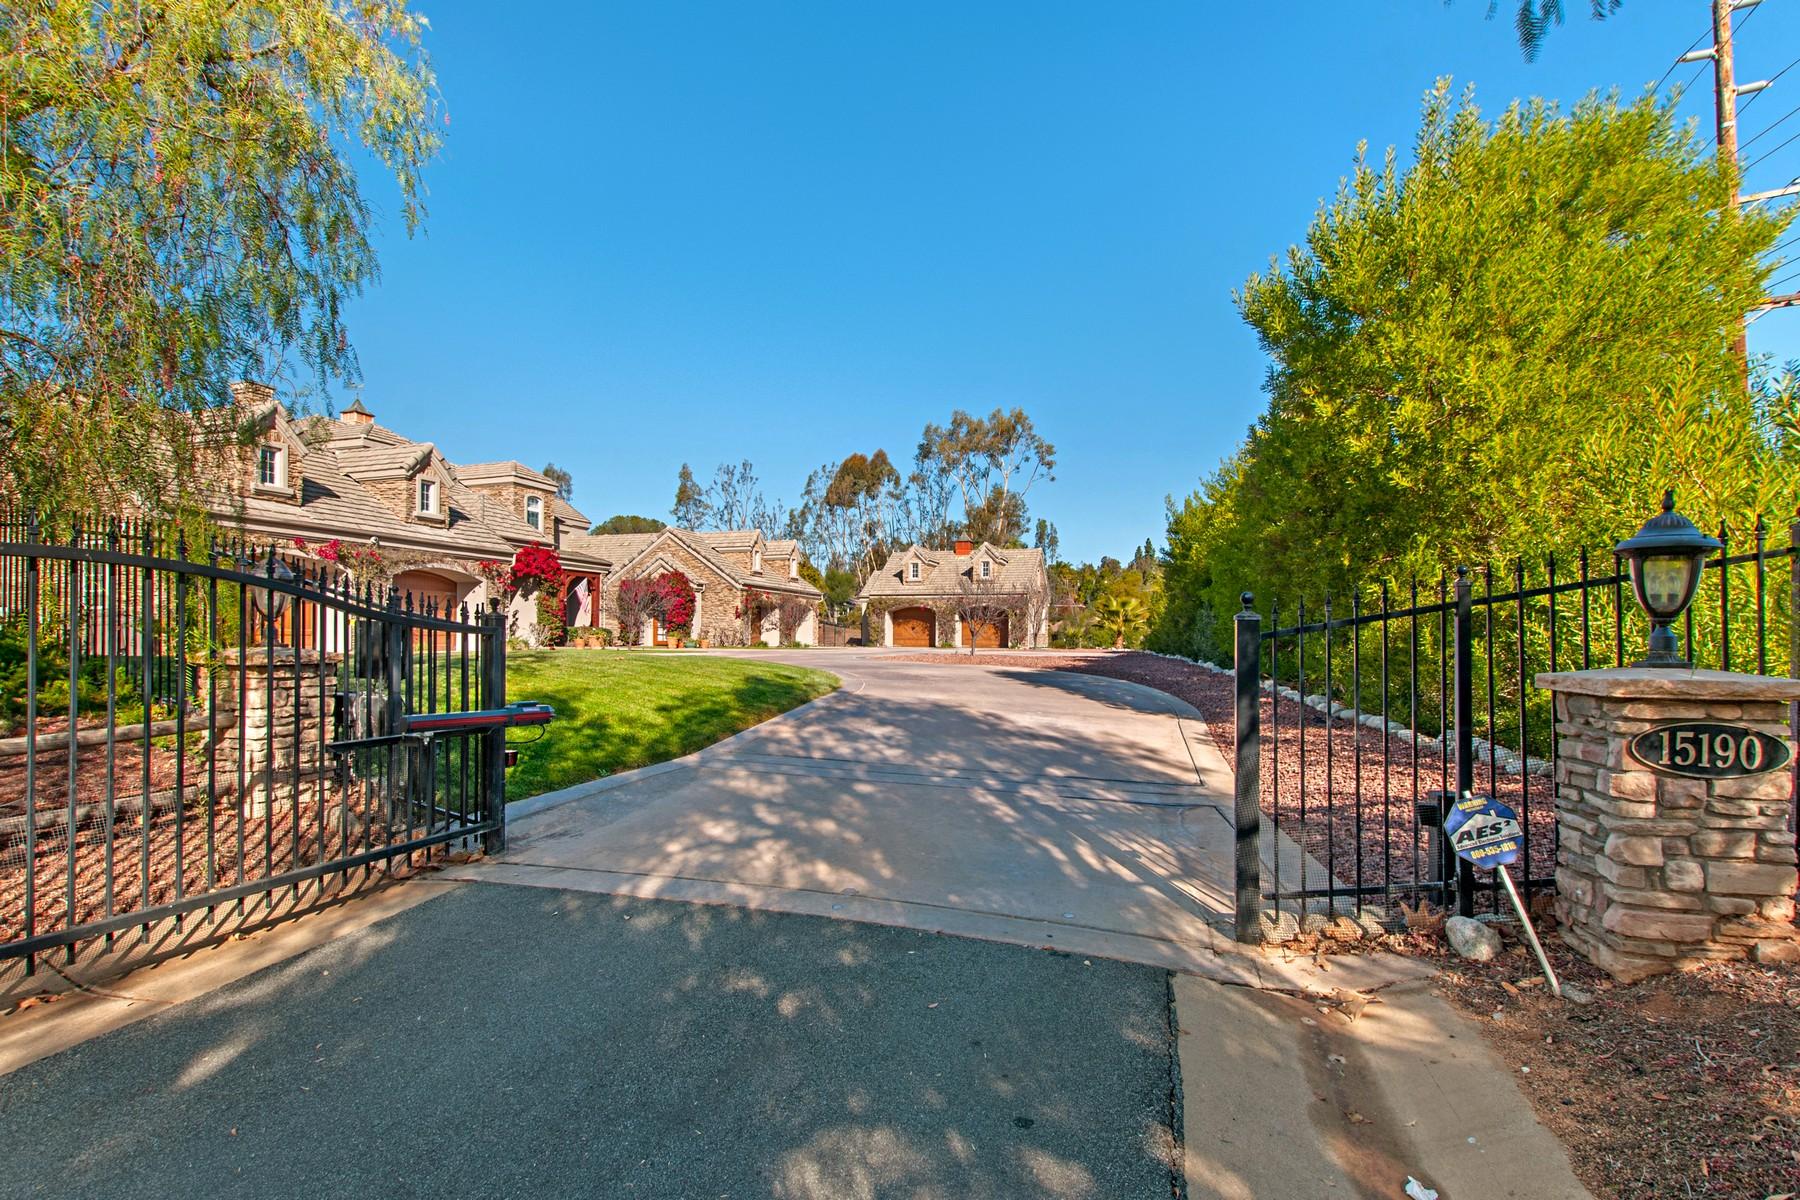 단독 가정 주택 용 매매 에 15190 Saddlebrook Estates 15190 Saddlebrook Ct., Poway, 캘리포니아, 92064 미국